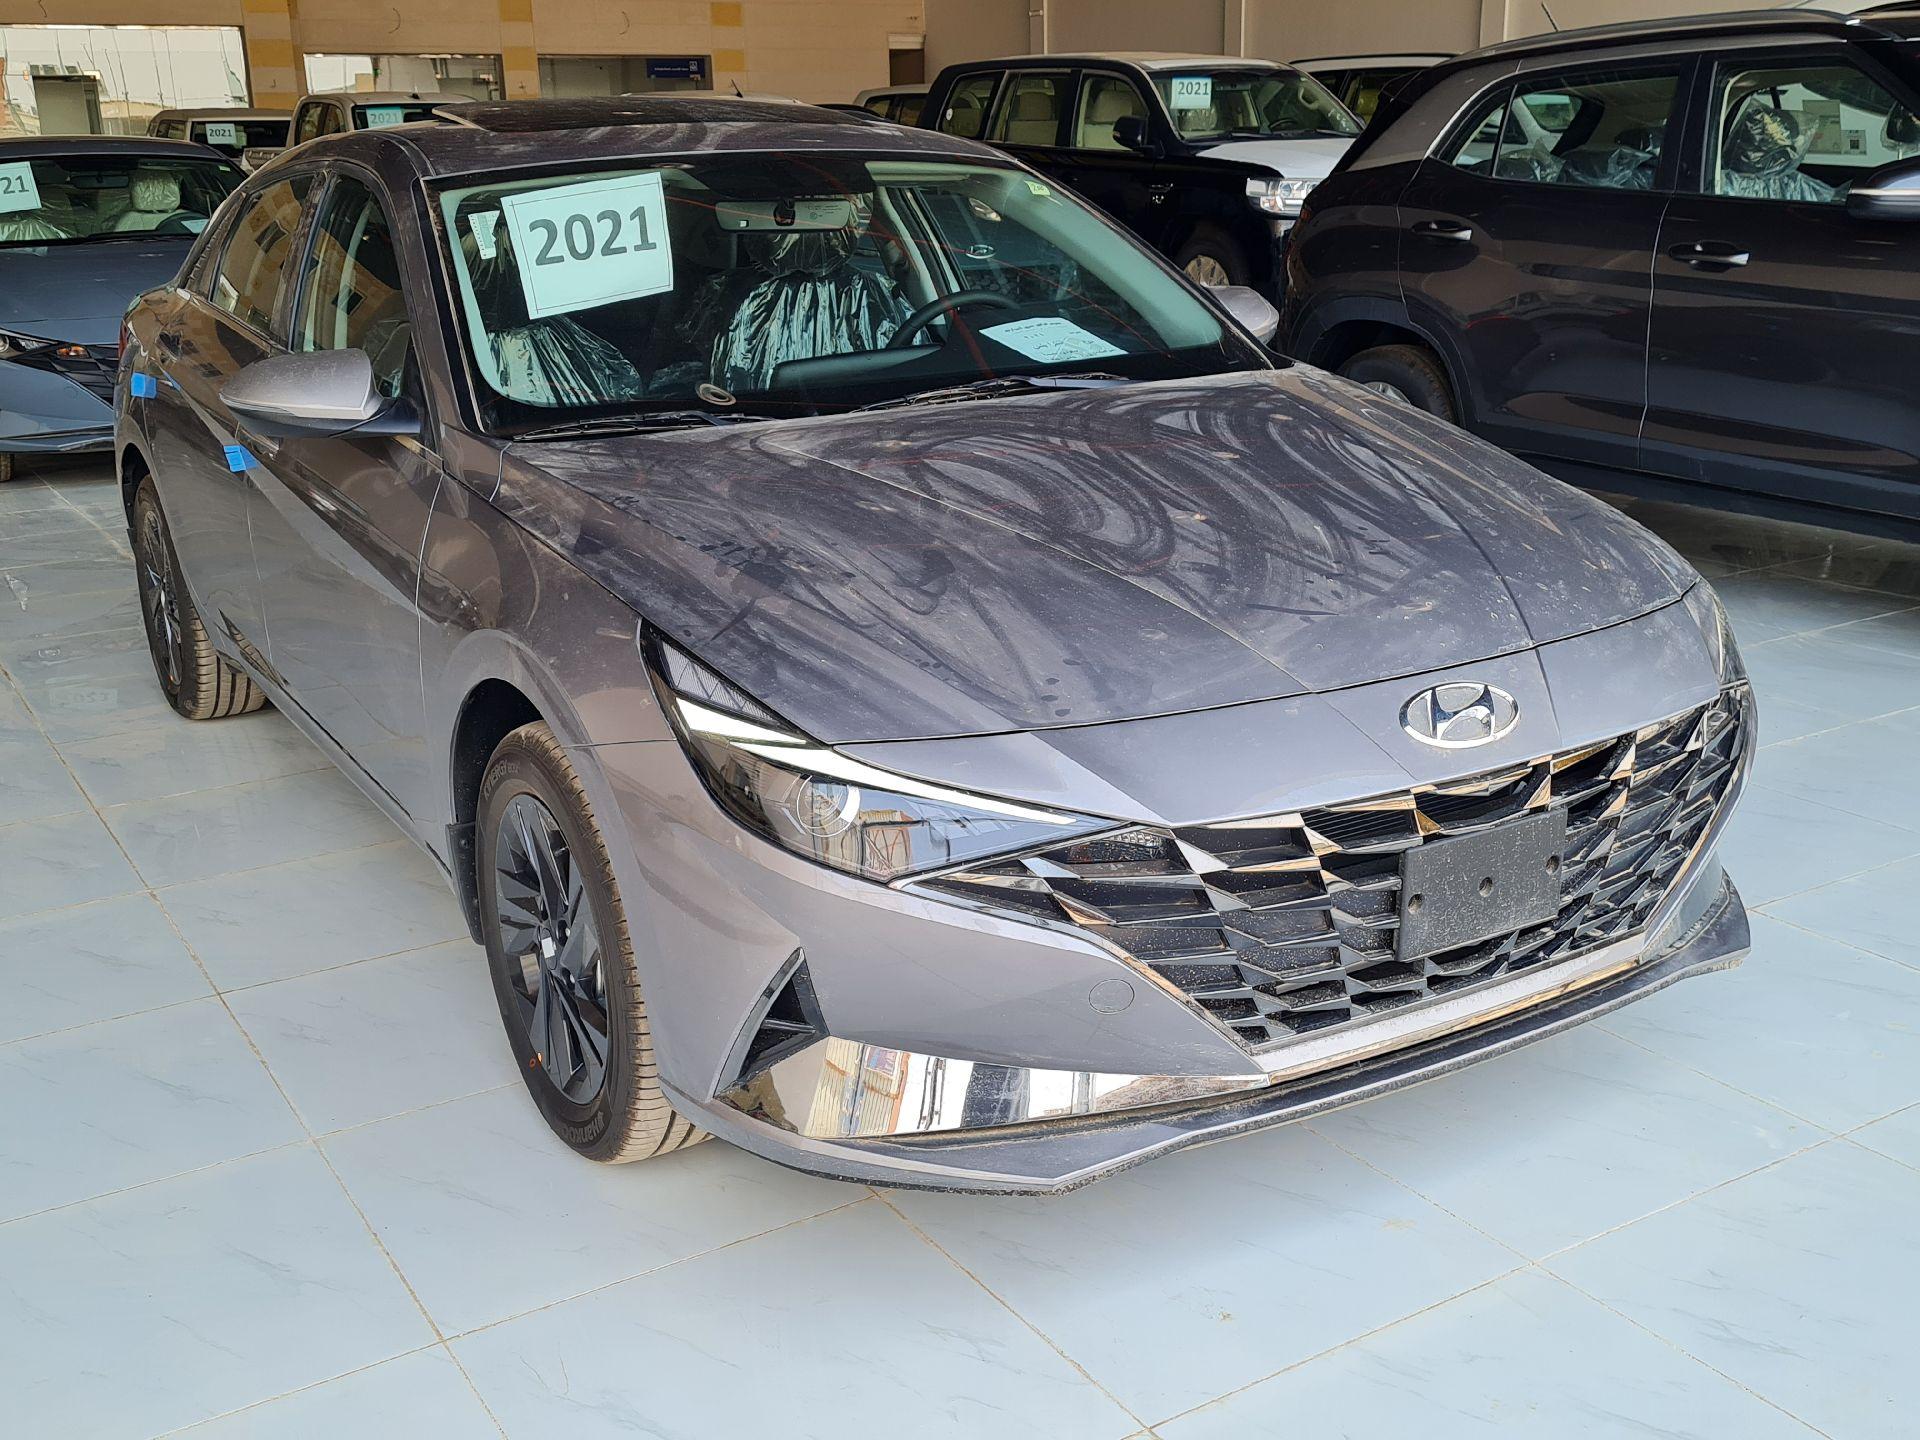 مباع - هونداي النترا Smart Plus  نص فل 2021  سعودي جديد للبيع في الرياض - السعودية - صورة كبيرة - 5